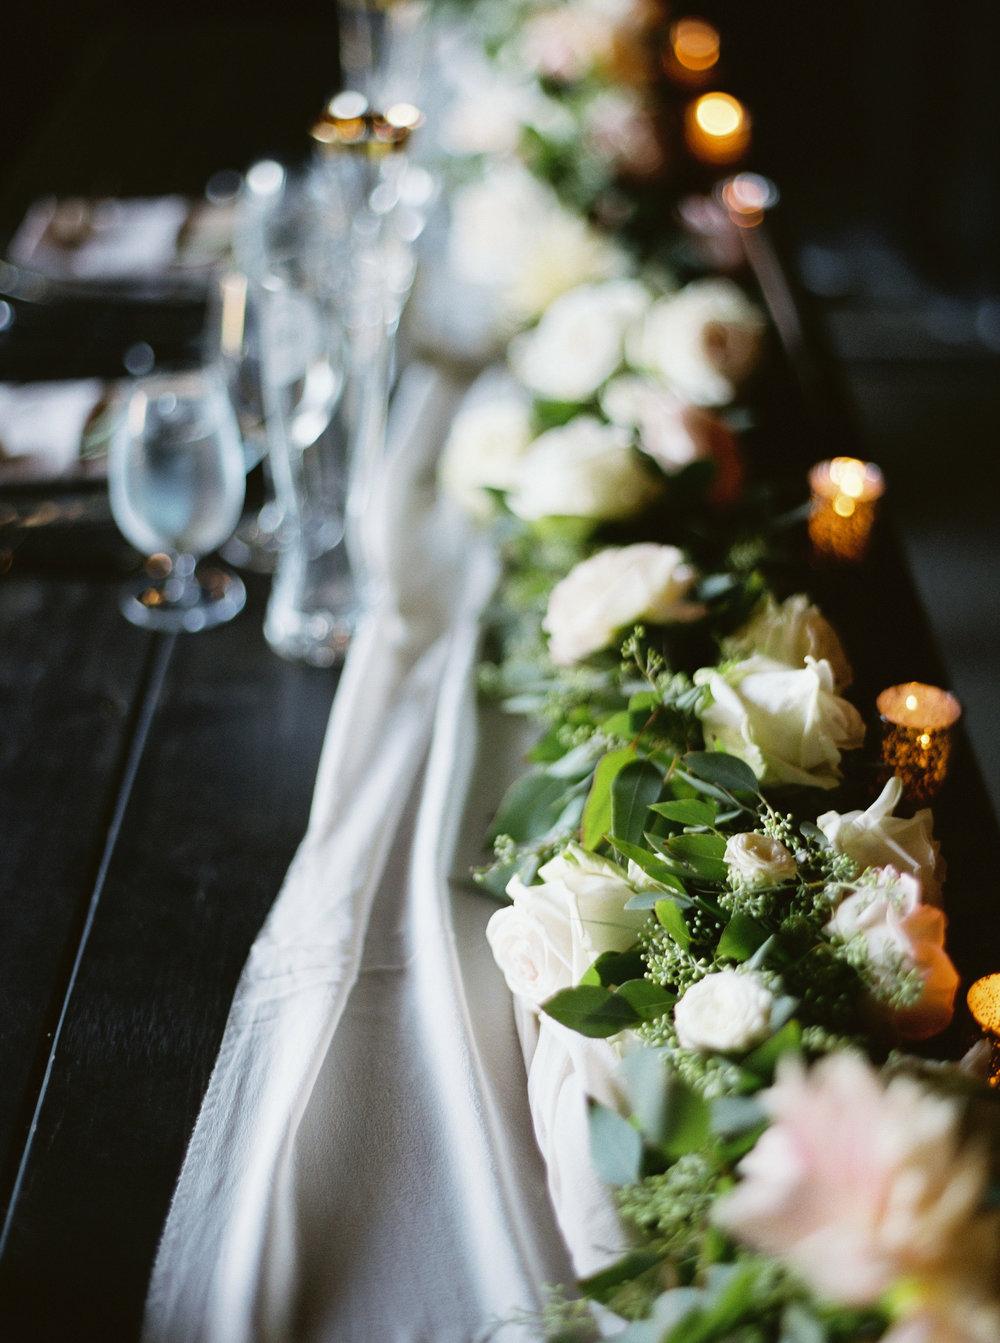 muriettas-well-wedding-in-livermore-california-148.jpg